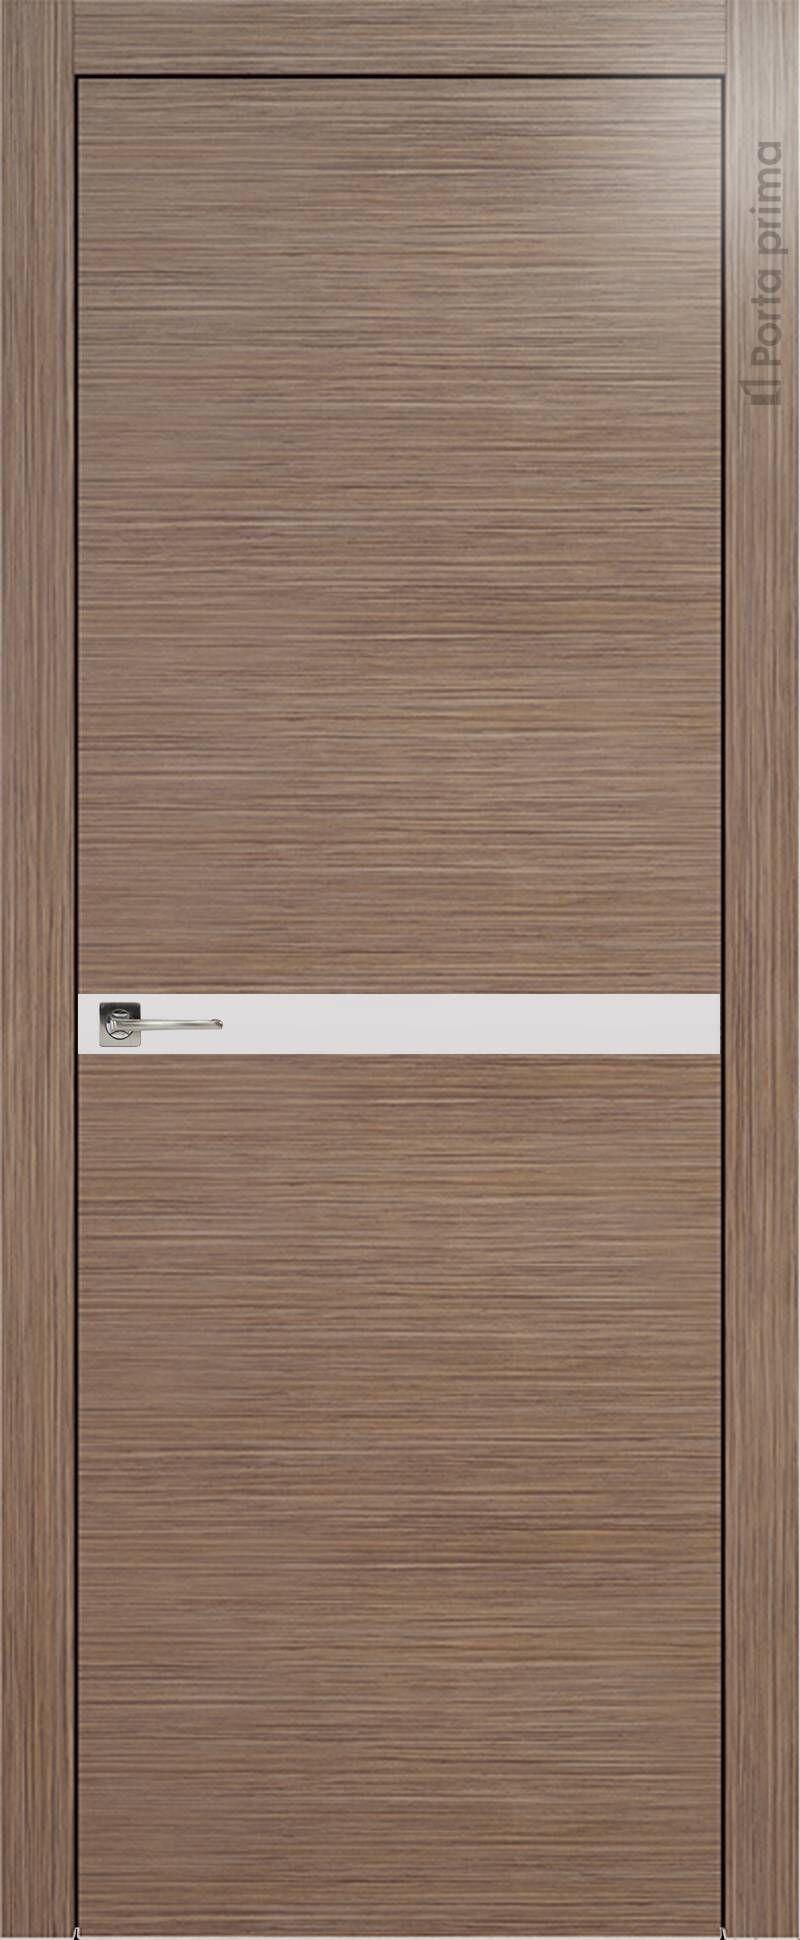 Tivoli Б-4 цвет - Орех Без стекла (ДГ)